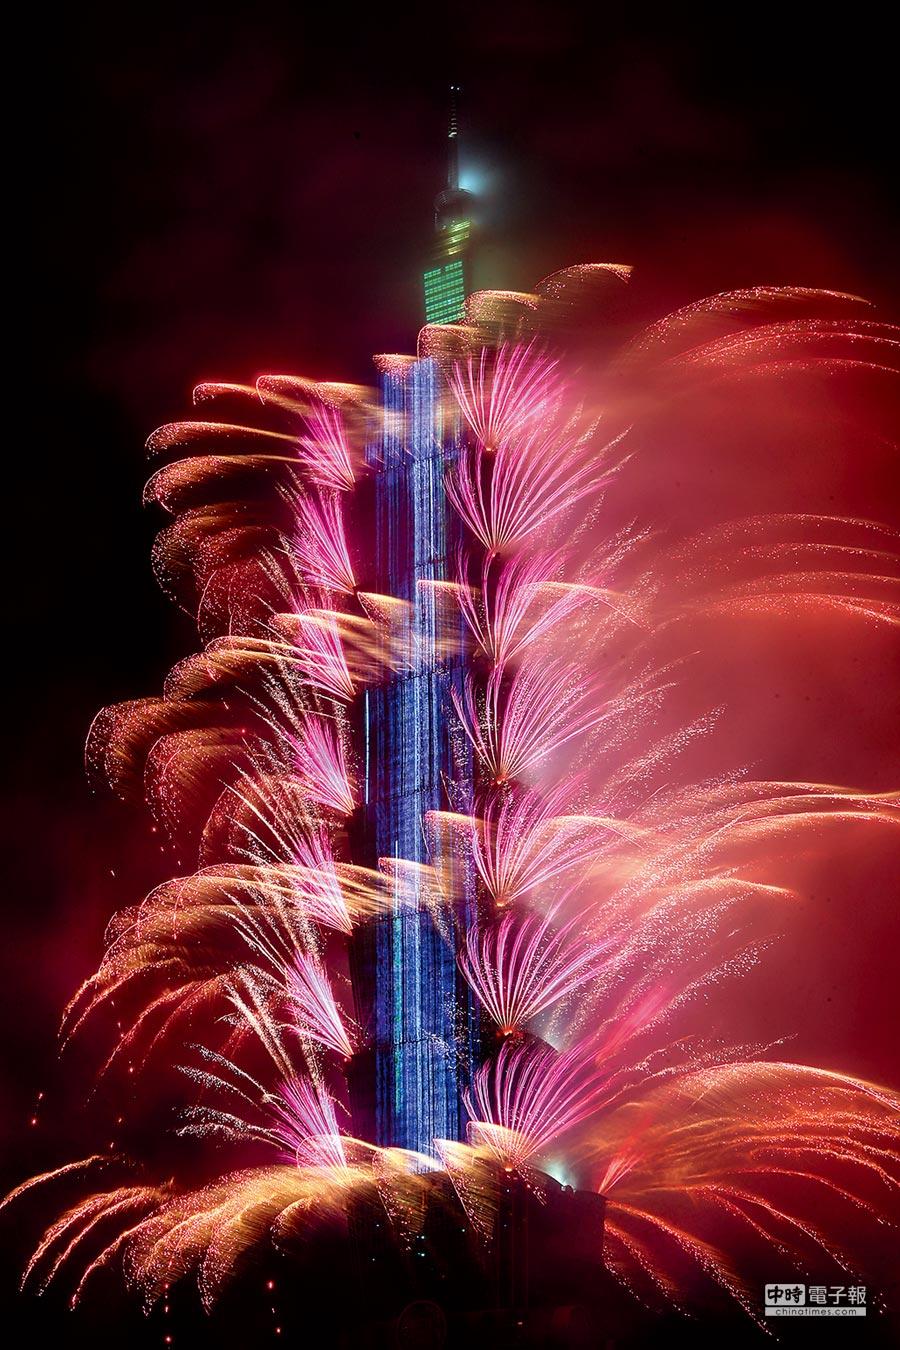 101跨年煙火秀,讓全世界看見更美好的台灣。(鄧博仁攝)